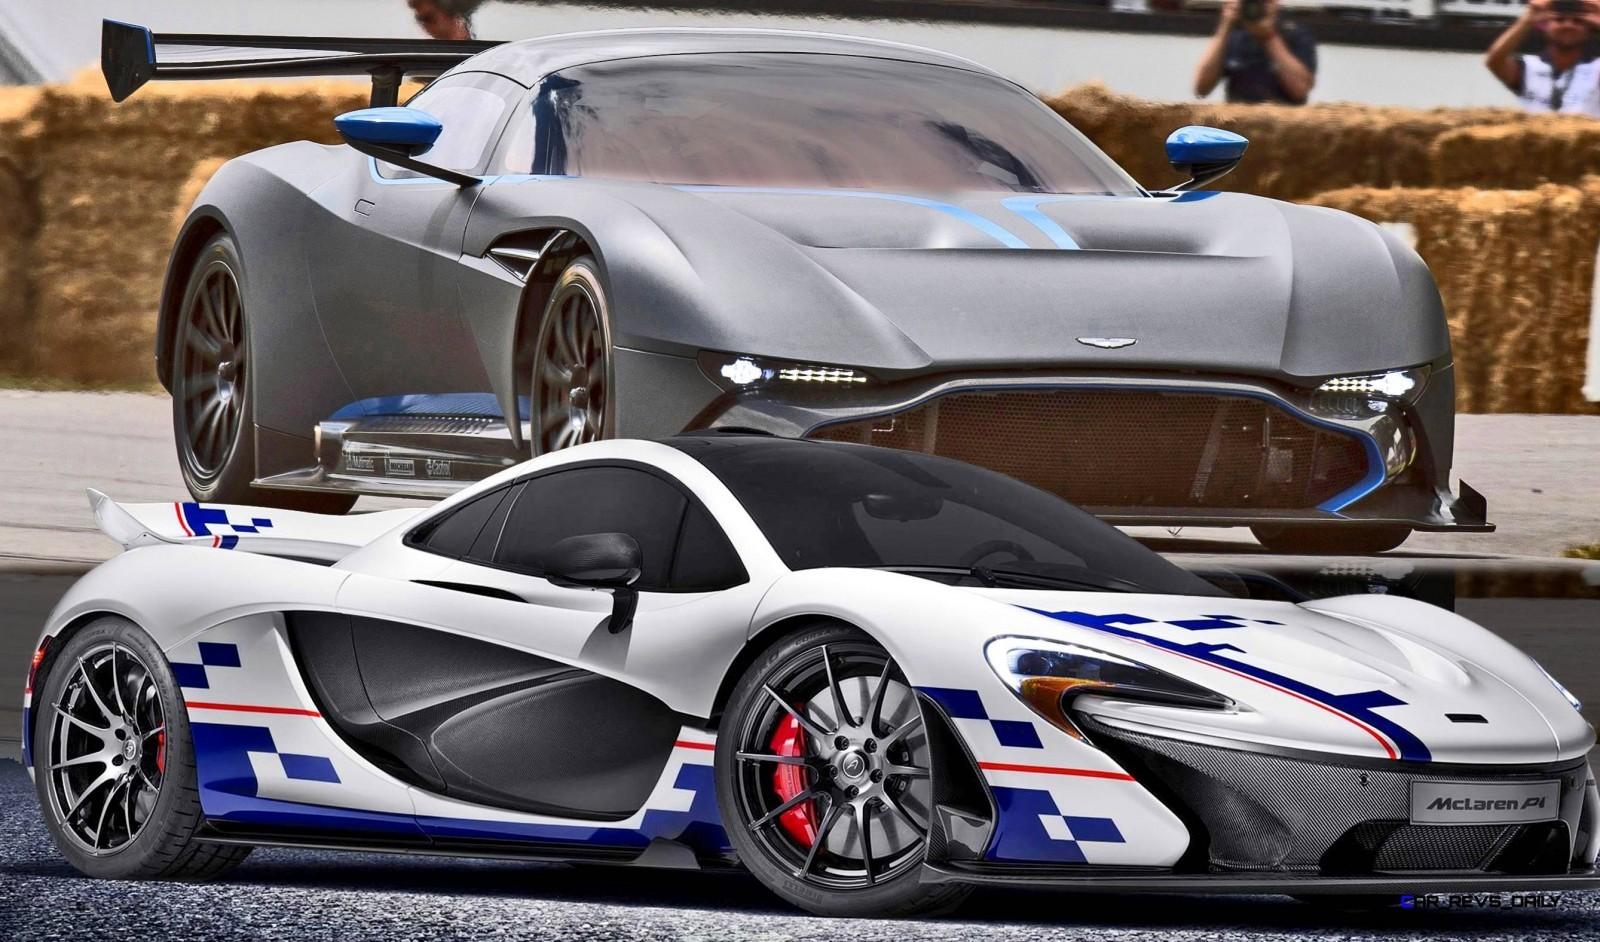 http://www.car-revs-daily.com/wp-content/uploads/2015/06/Aston-Martin-VULCAN-1sgfxb-1600x942.jpg